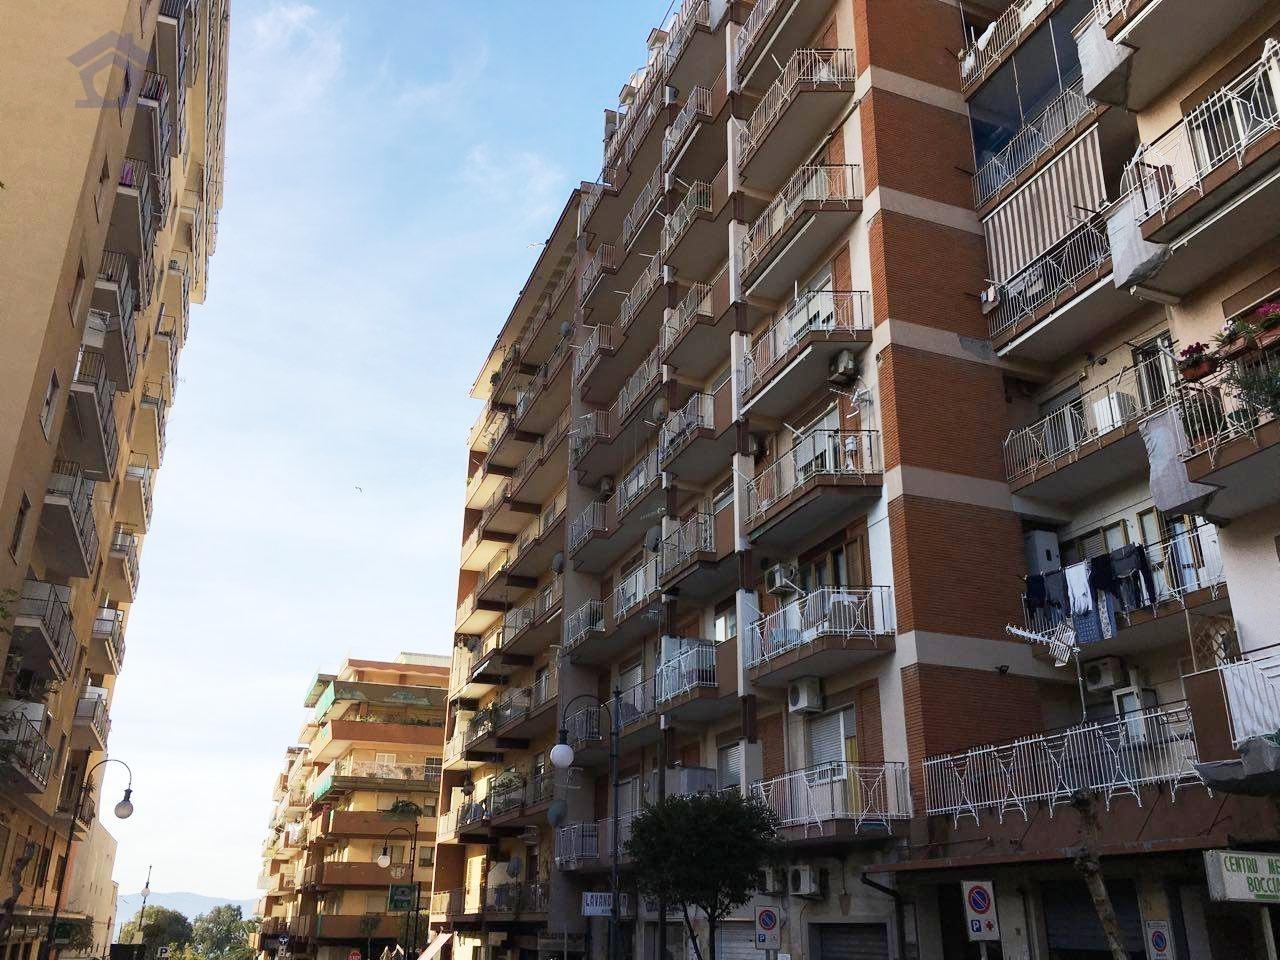 Appartamento in vendita a Torre Annunziata, 3 locali, zona Località: nord, prezzo € 199.000 | CambioCasa.it